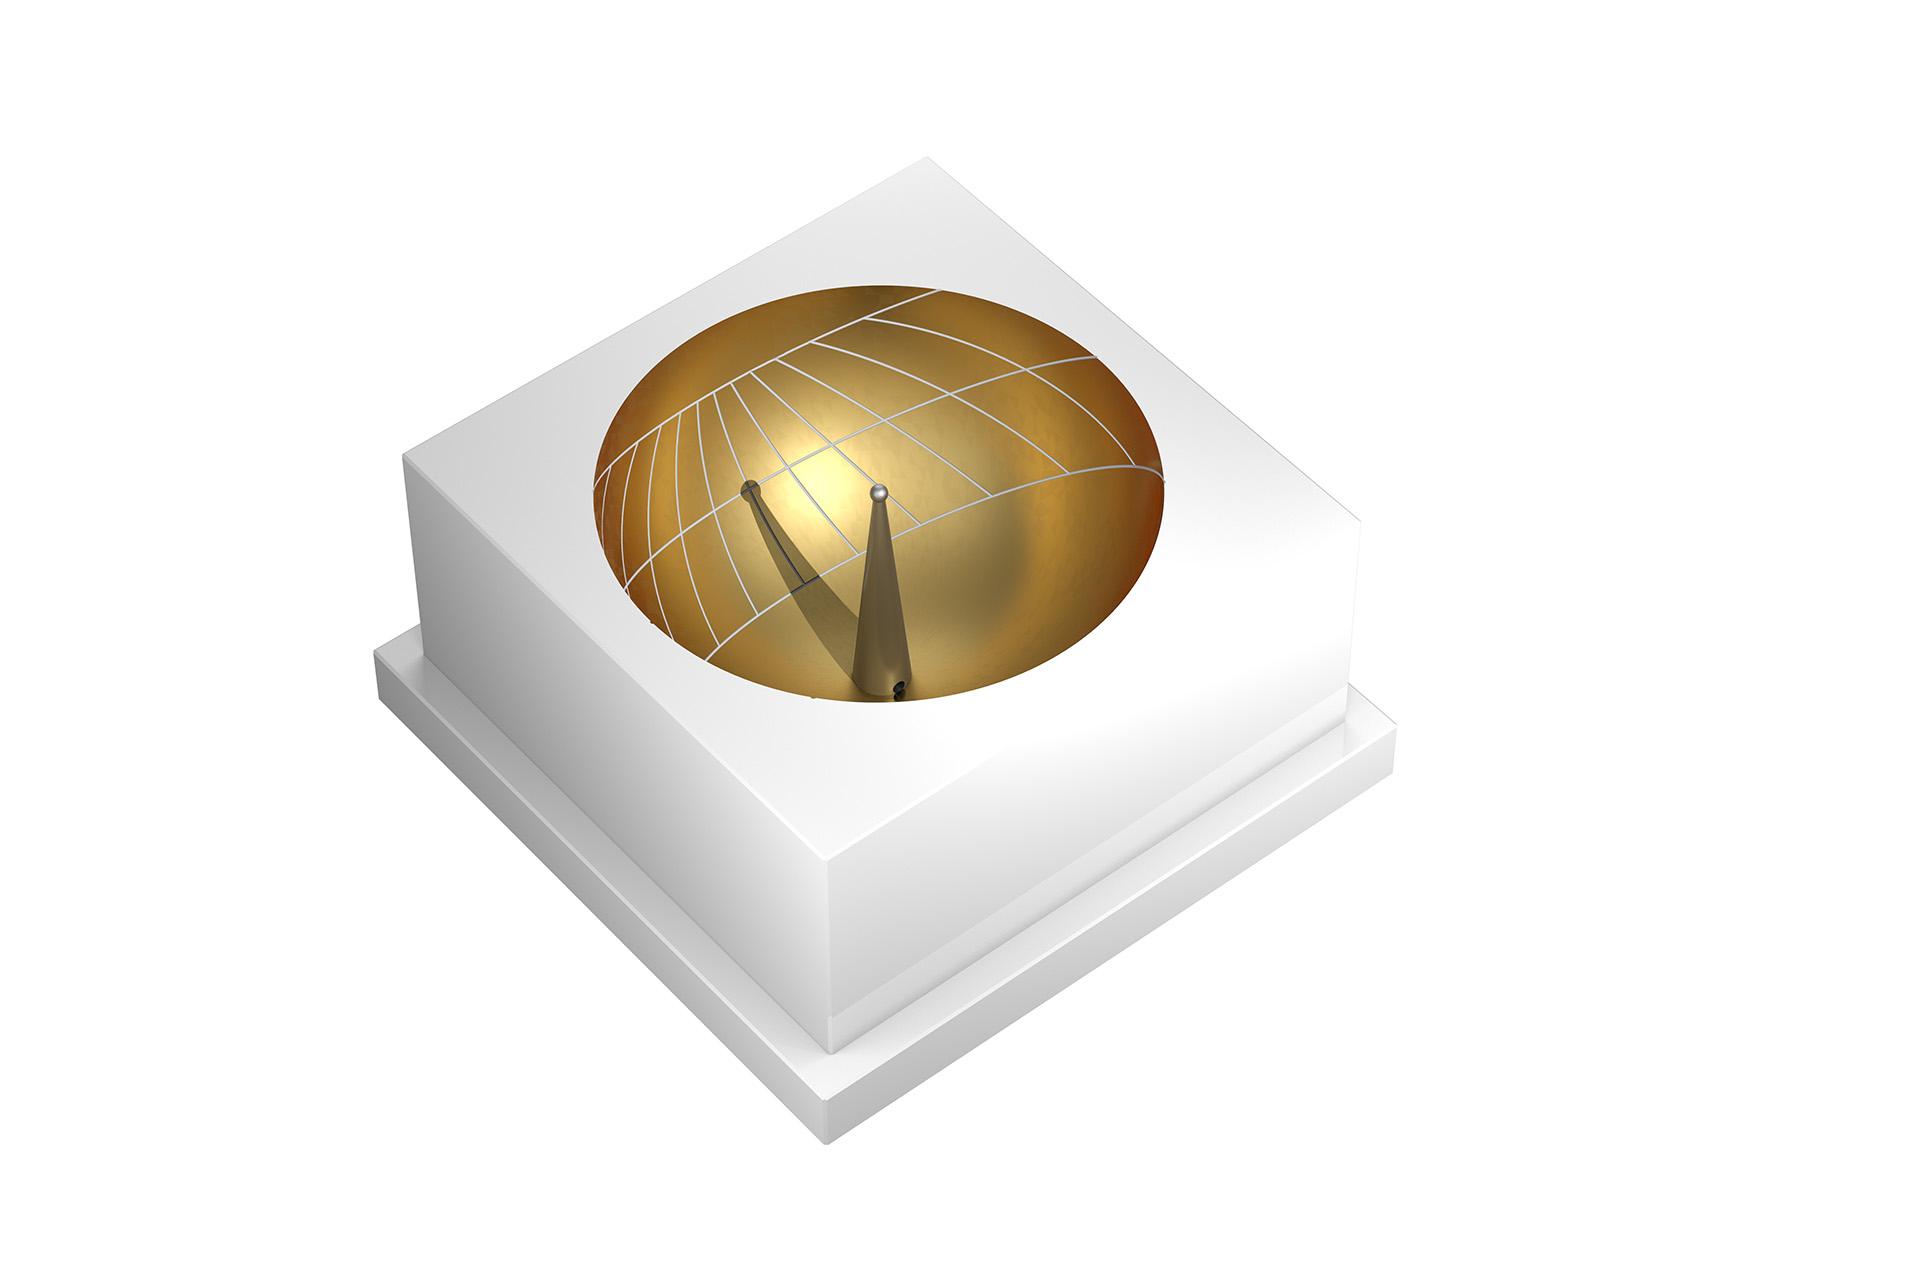 Sonnenuhr Skaphe weiß-gold Shop zeigt die temporalen Stunden an ©Björn Oldsen